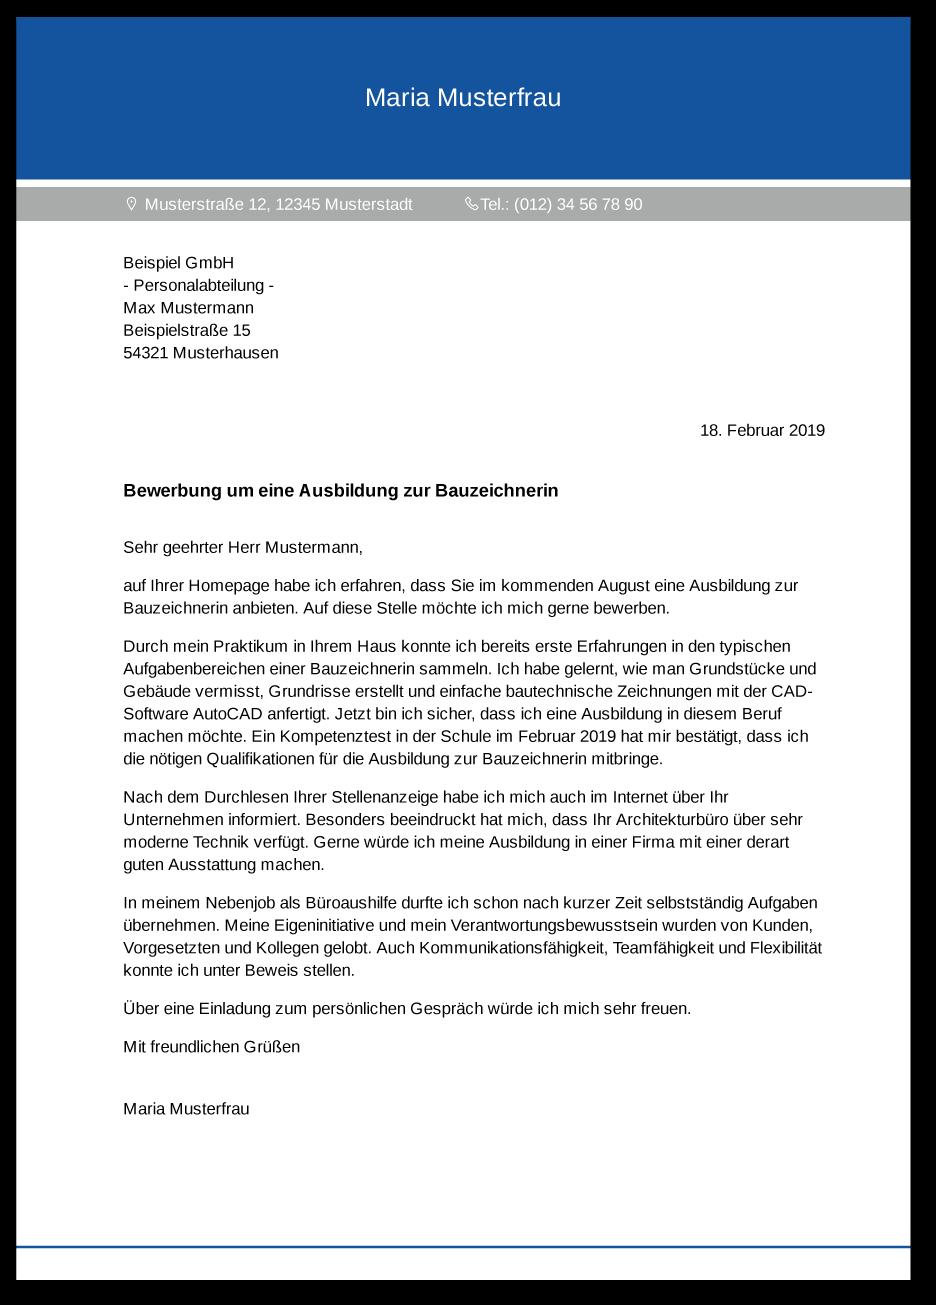 Anschreiben Architektur Bewerbung: Die Bewerbung Zur Ausbildung: Bauzeichner / Bauzeichnerin